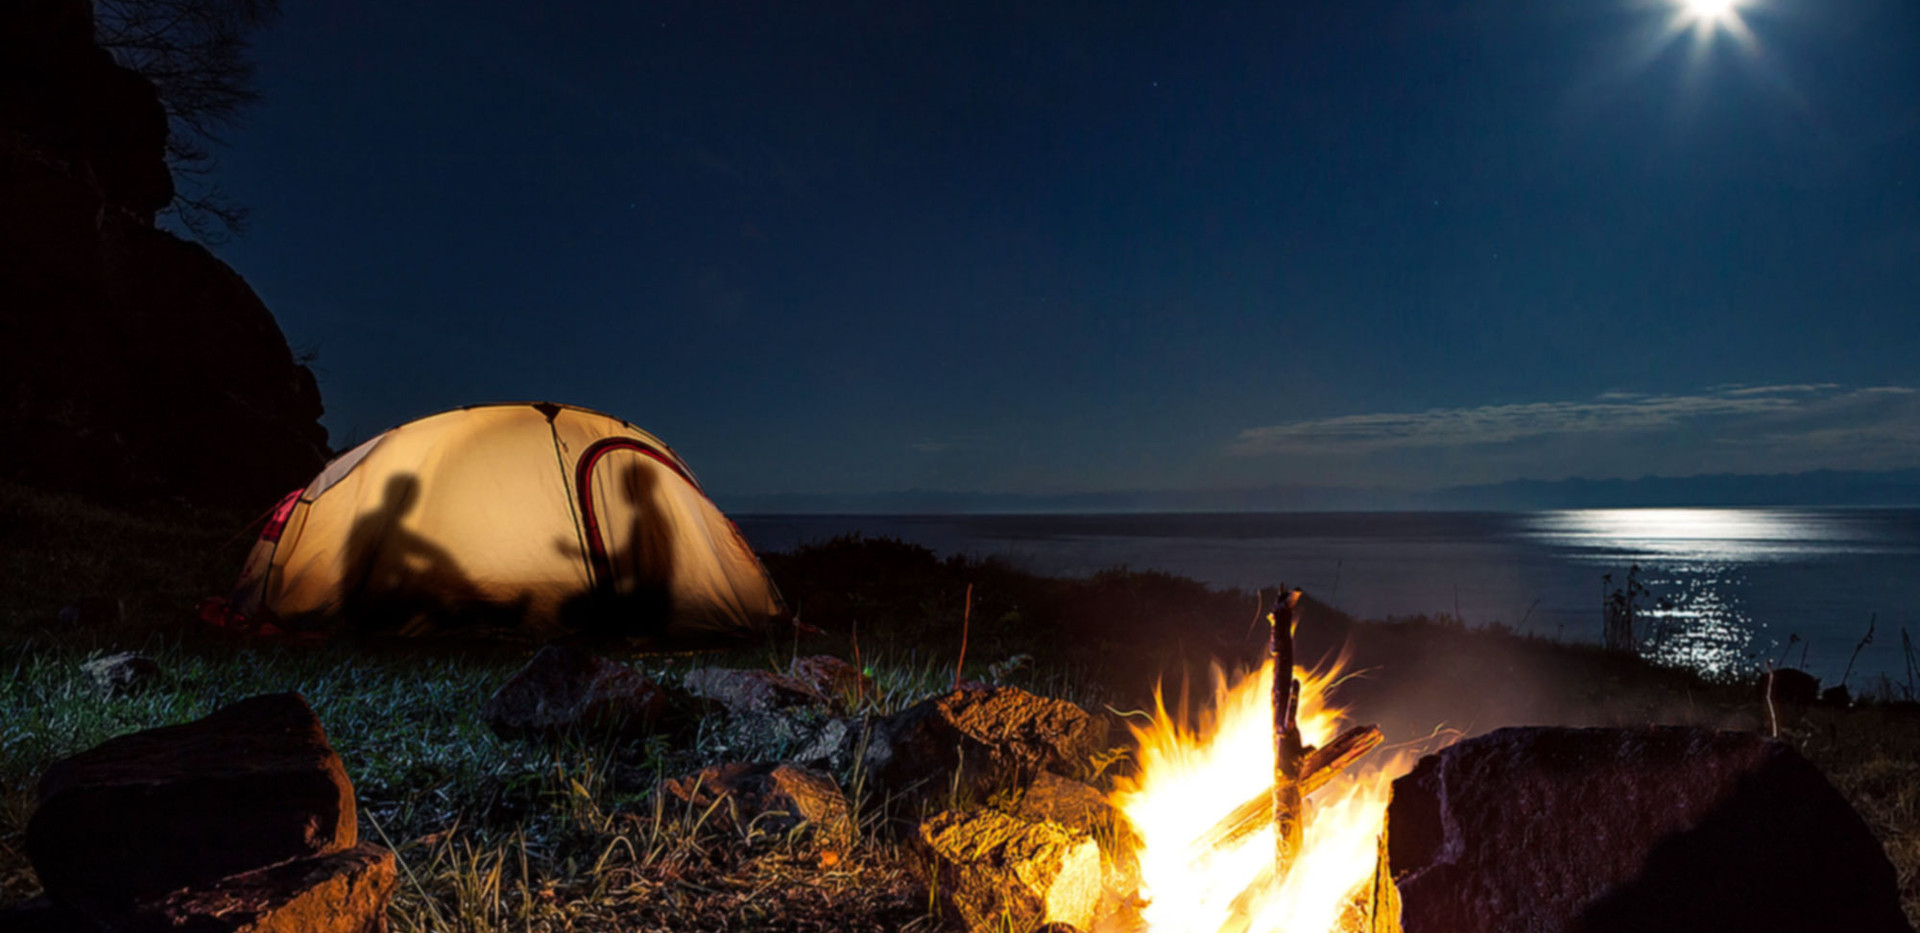 אוהל-מסע-בלילה.jpg